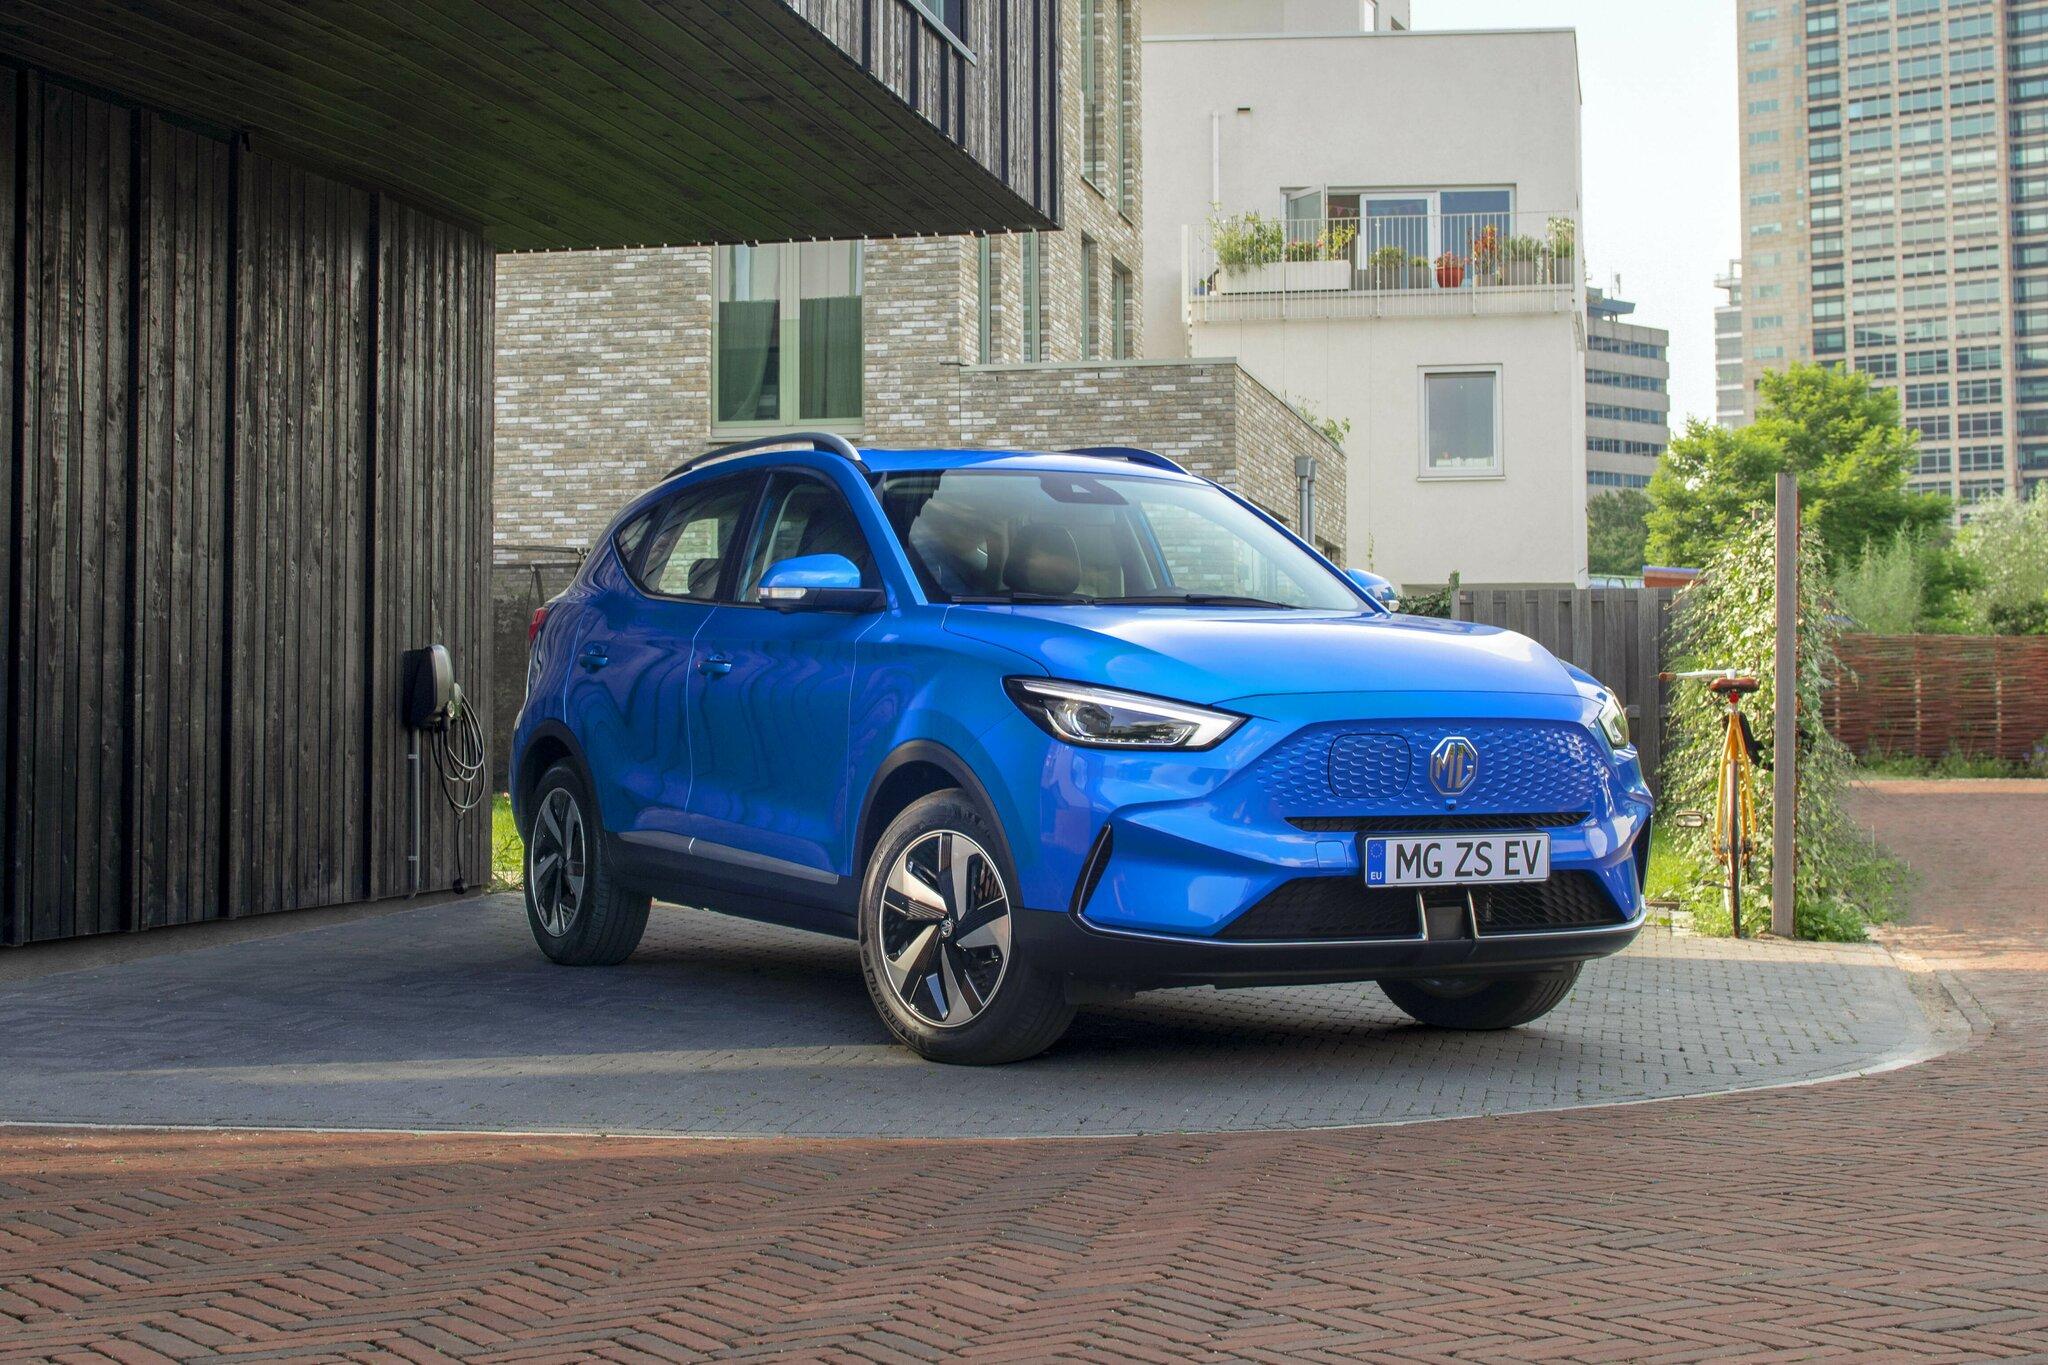 mg-motor-l-dt-nach-drei-neue-elektroautos-rollen-an